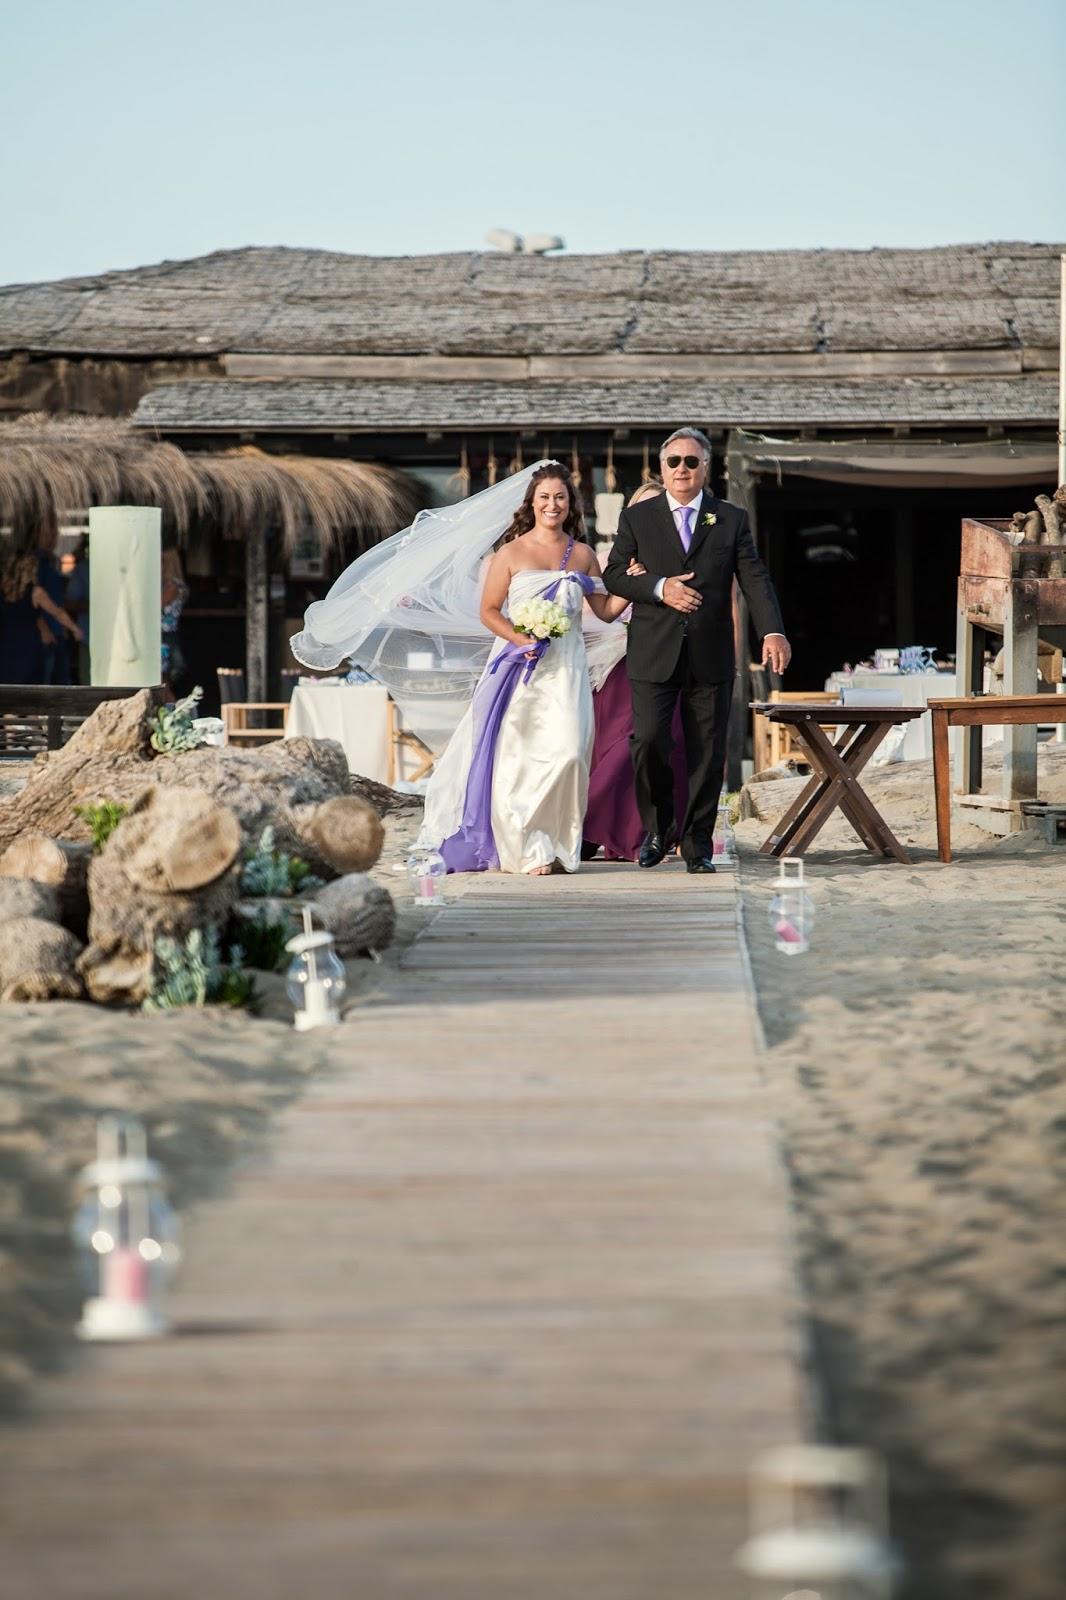 Matrimonio Spiaggia Ostia : Matrimonio in spiaggia